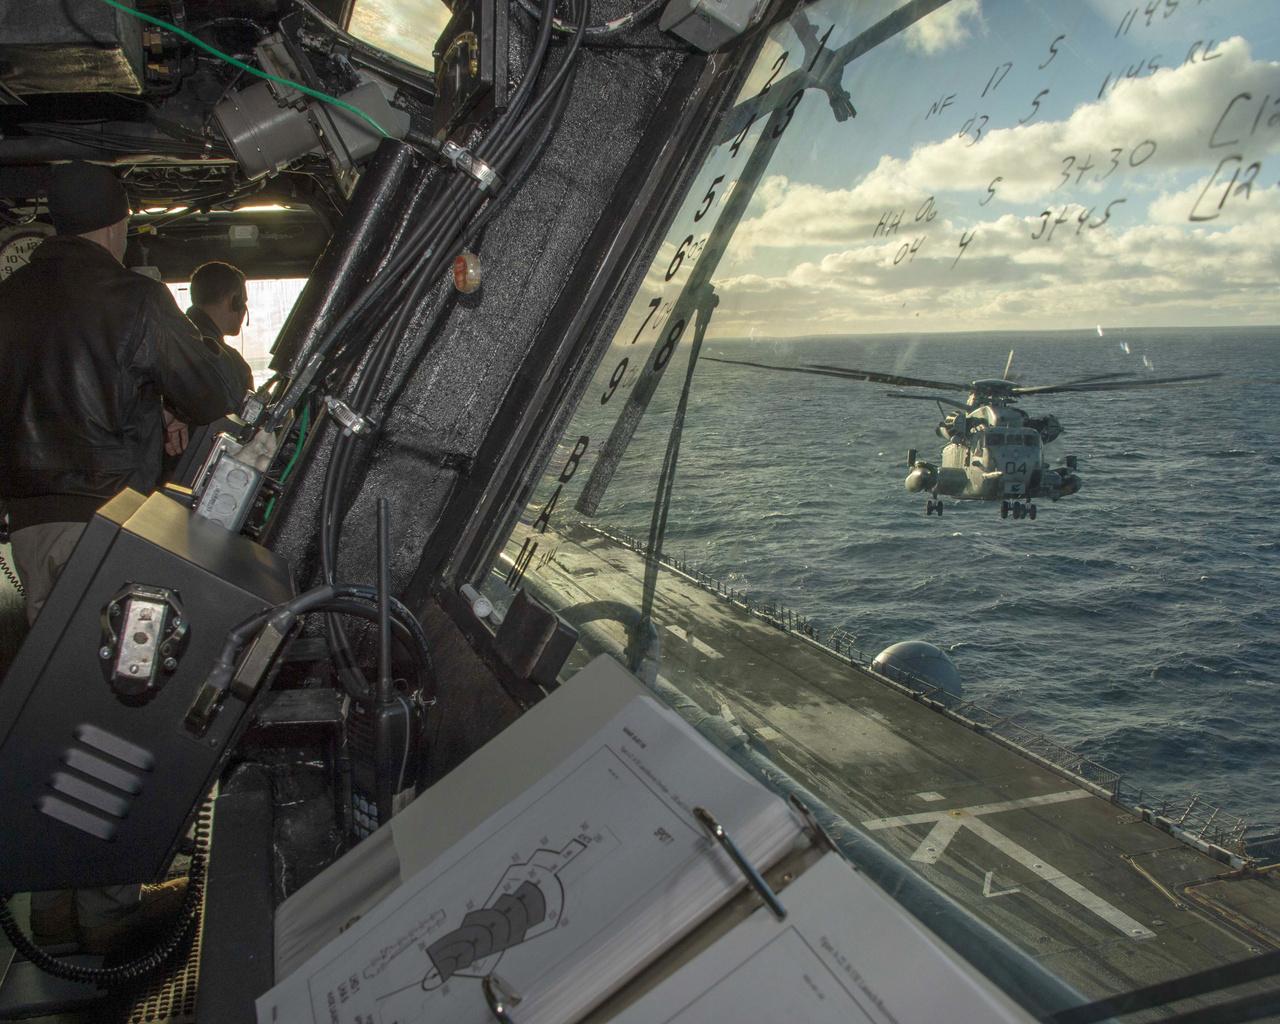 CH-53 Sea Stallion helicopter készülődik landoláshoz USS Iwo Jima (LHD 7) Wasp-osztályú kétéltű támadó hajón. Az Iwo Jima is részt vesz a Trident Juncture 2018 hadgyakorlaton.